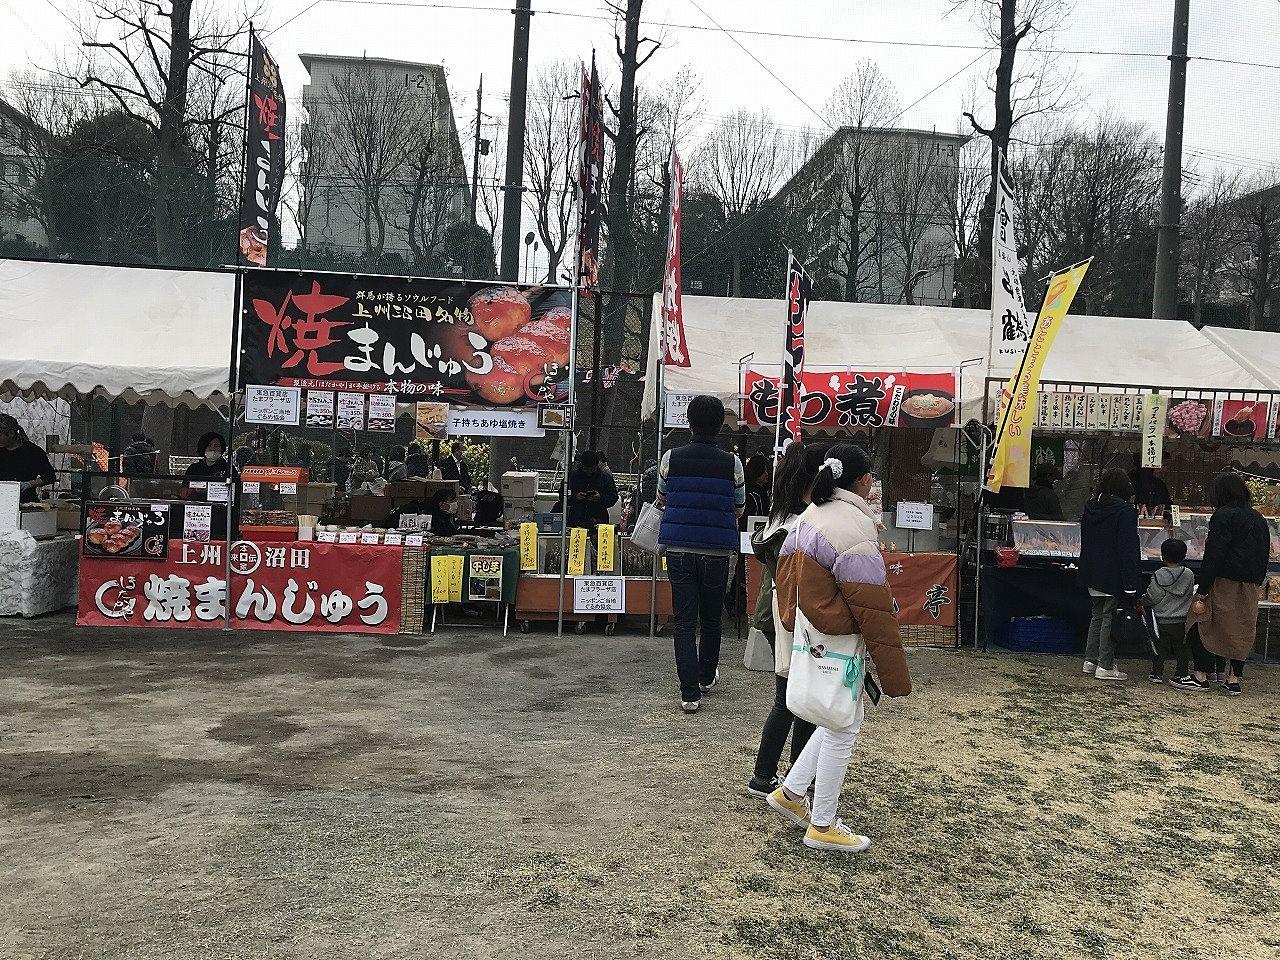 2019年たまプラーザ桜まつり(たまプラーザ桜フェスティバル)の屋台